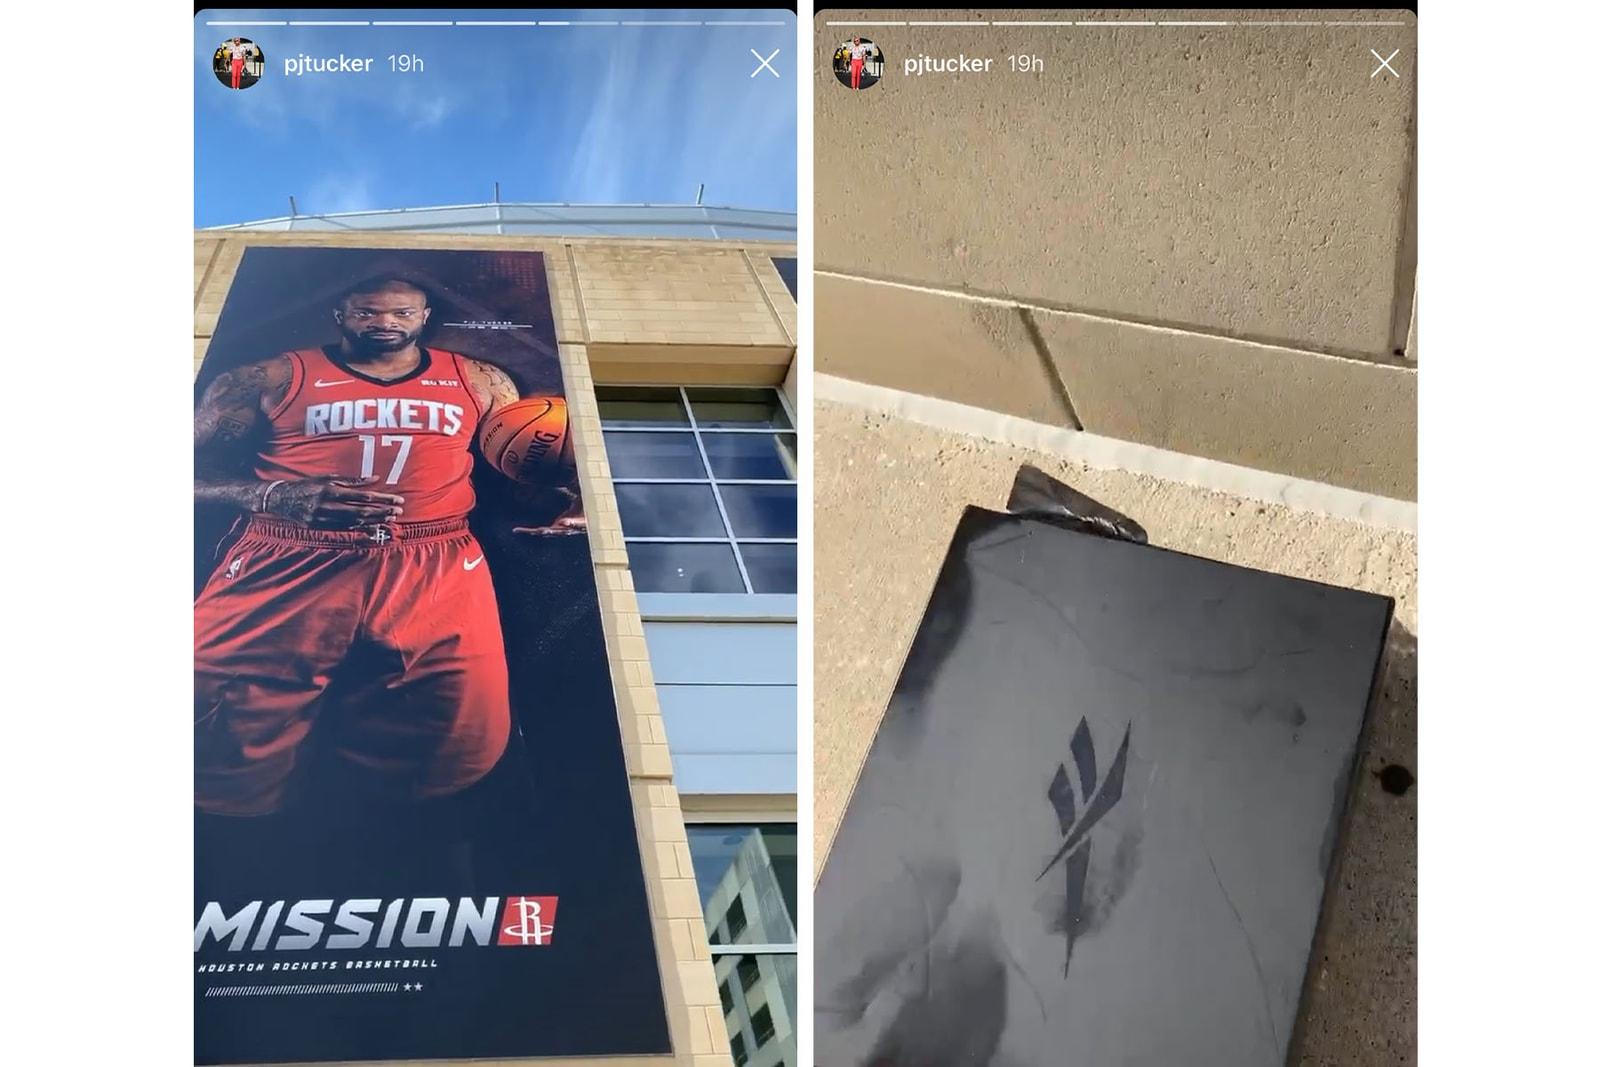 NBAのスニーカーチャンプ PJ・タッカーが一風変わったギブアウェイ企画を実施 pj tucker